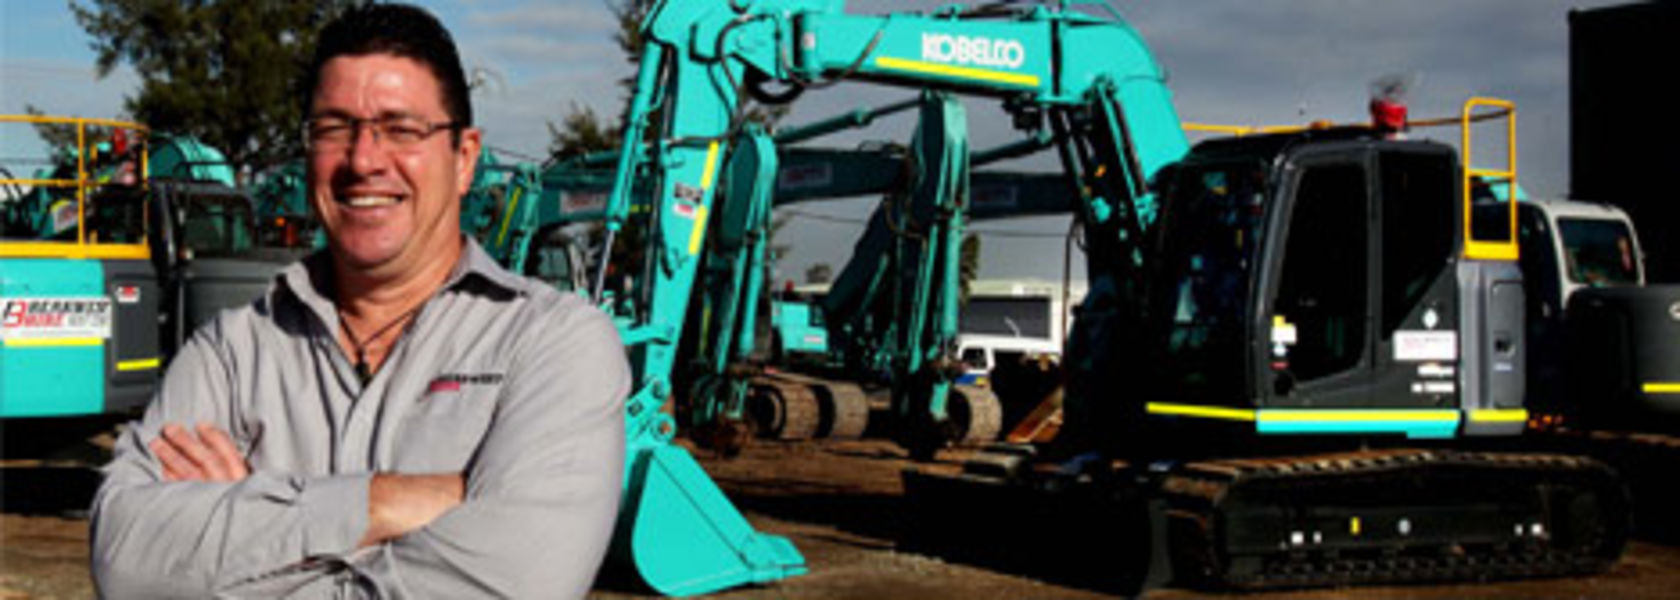 Hire company increases Kobelco fleet - Mining Magazine